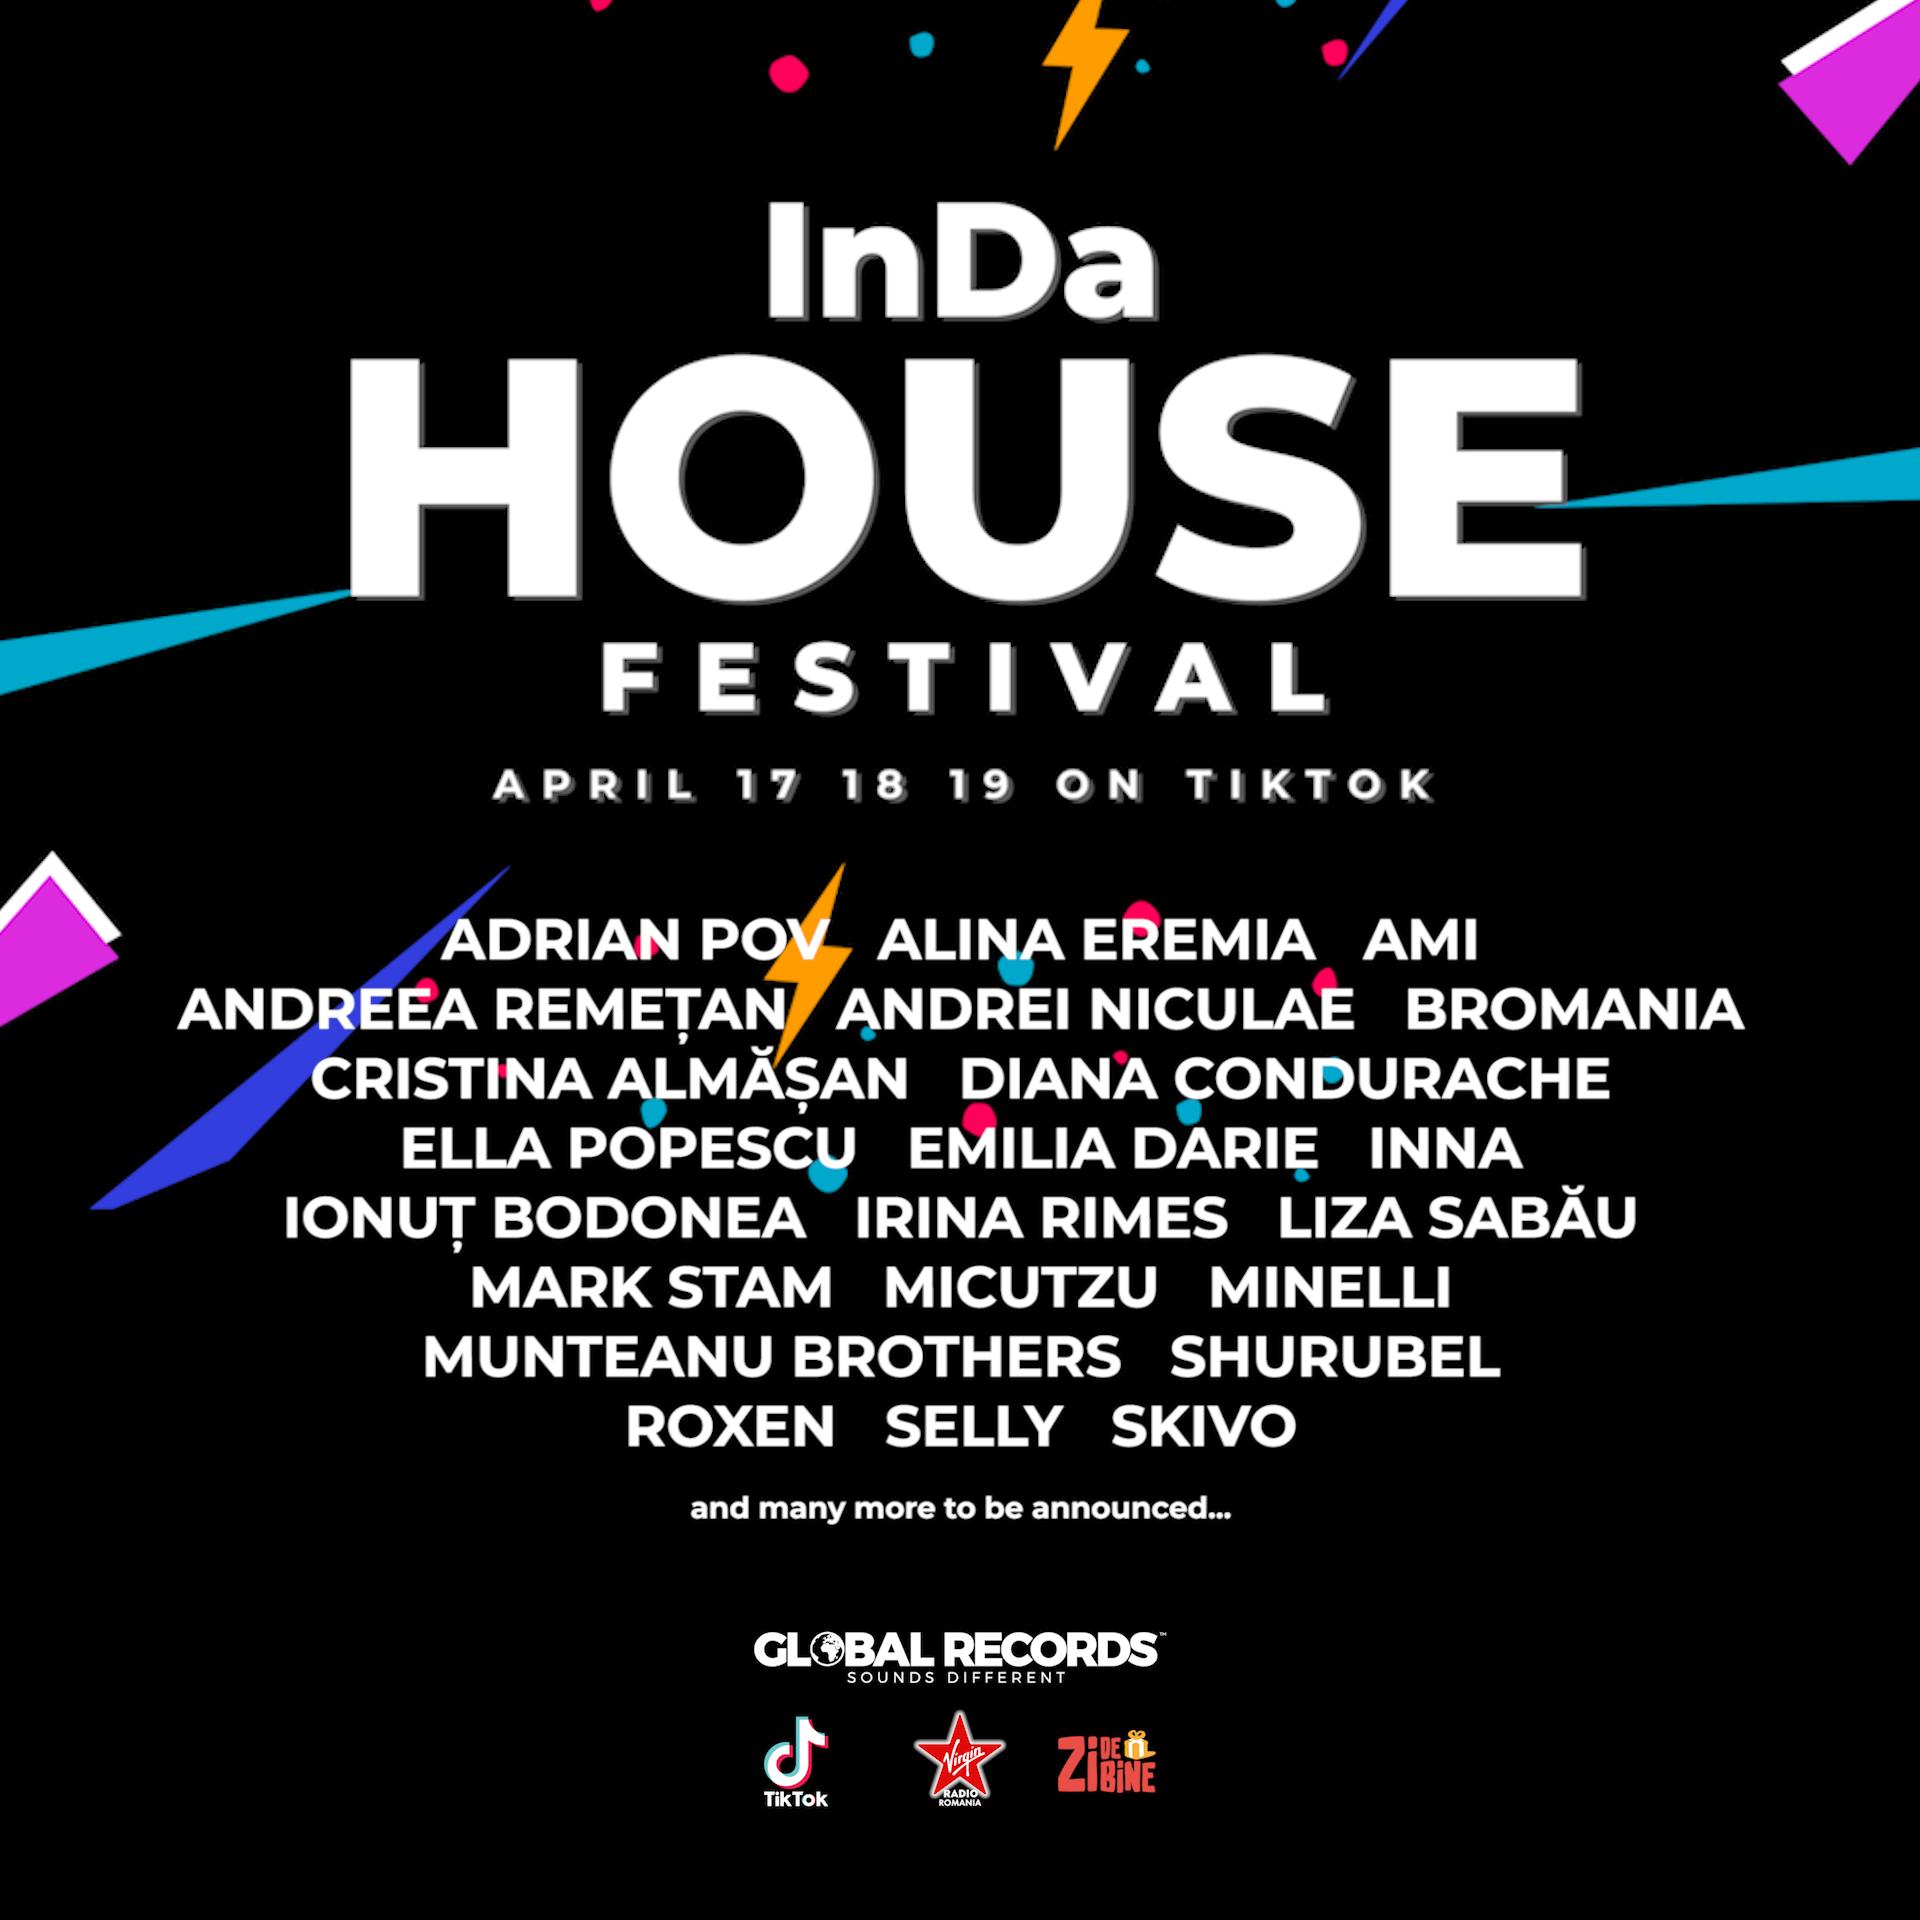 Global Records organizează primul festival online cu scop caritabil, pe TikTok, InDa House Festival!